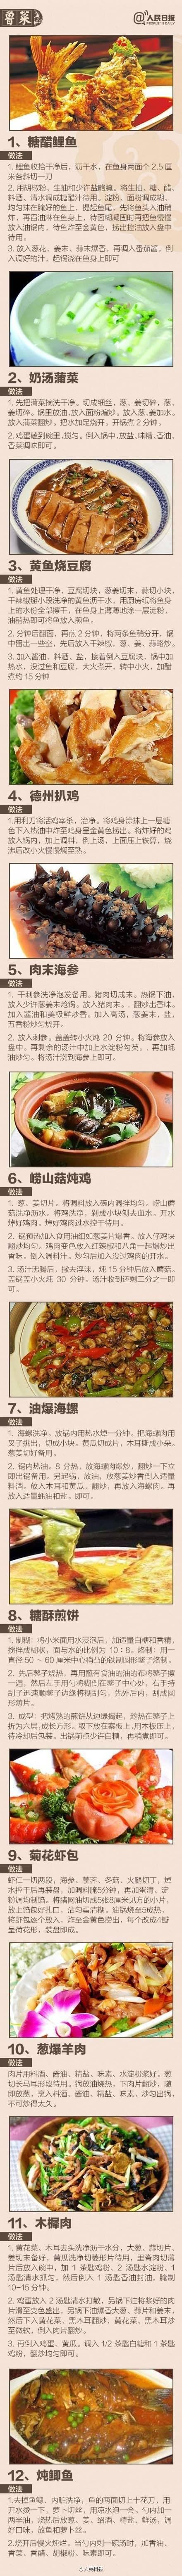 八大菜系的100道菜做法